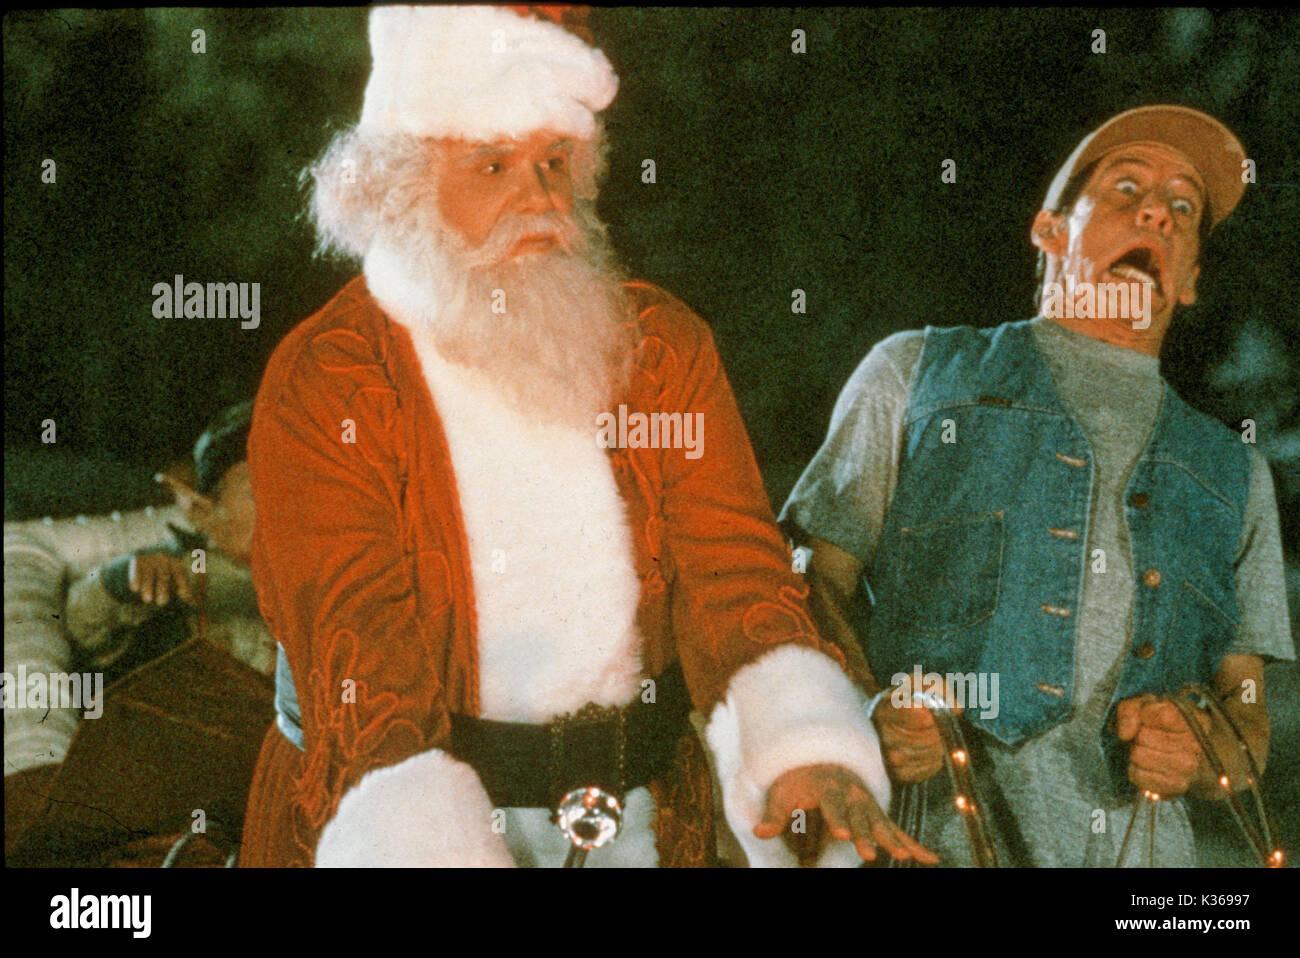 Ernest Saves Christmas Elves.Ernest Saves Christmas Stock Photos Ernest Saves Christmas